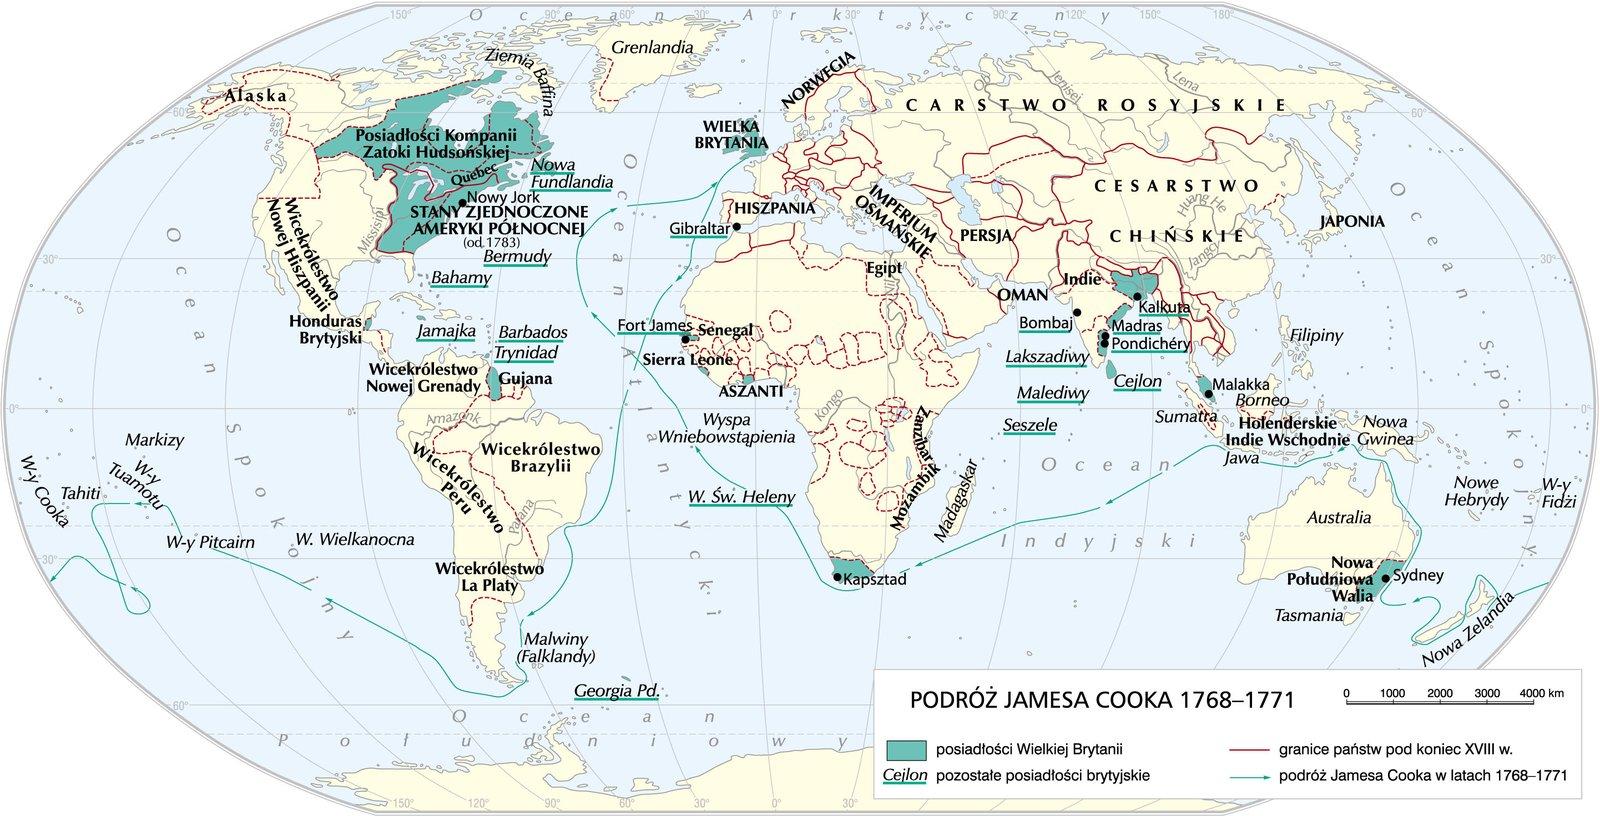 Podróż J. Cooka - 1768-1771 Podróż J. Cooka - 1768-1771 Źródło: Krystian Chariza izespół, licencja: CC BY 4.0.